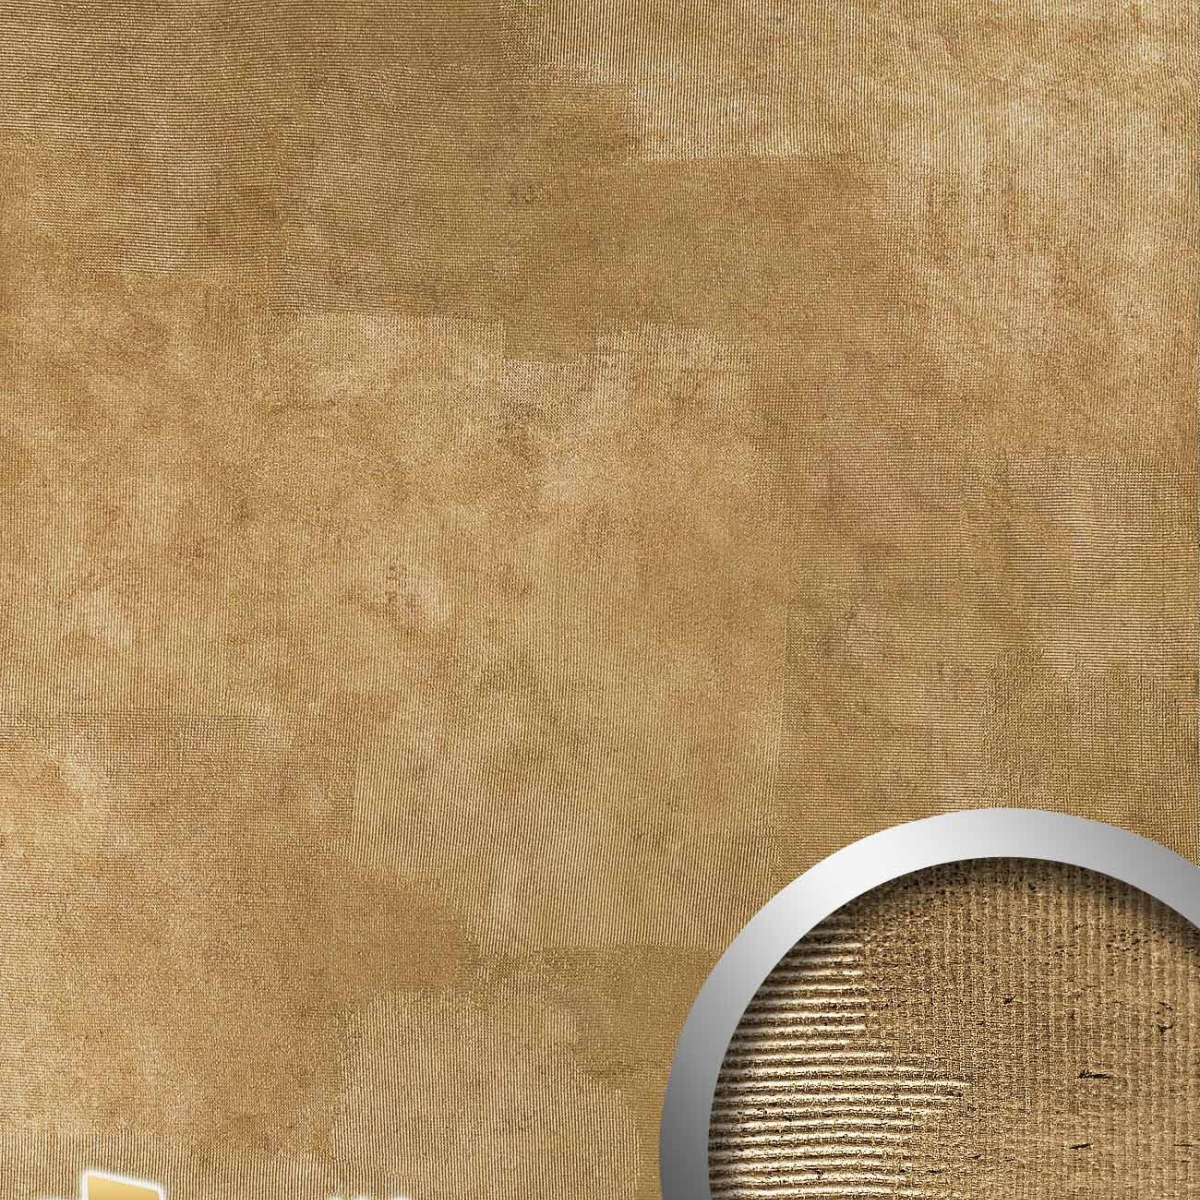 Panou decorativ STRUCTURE 18580, WallFace, autocolant